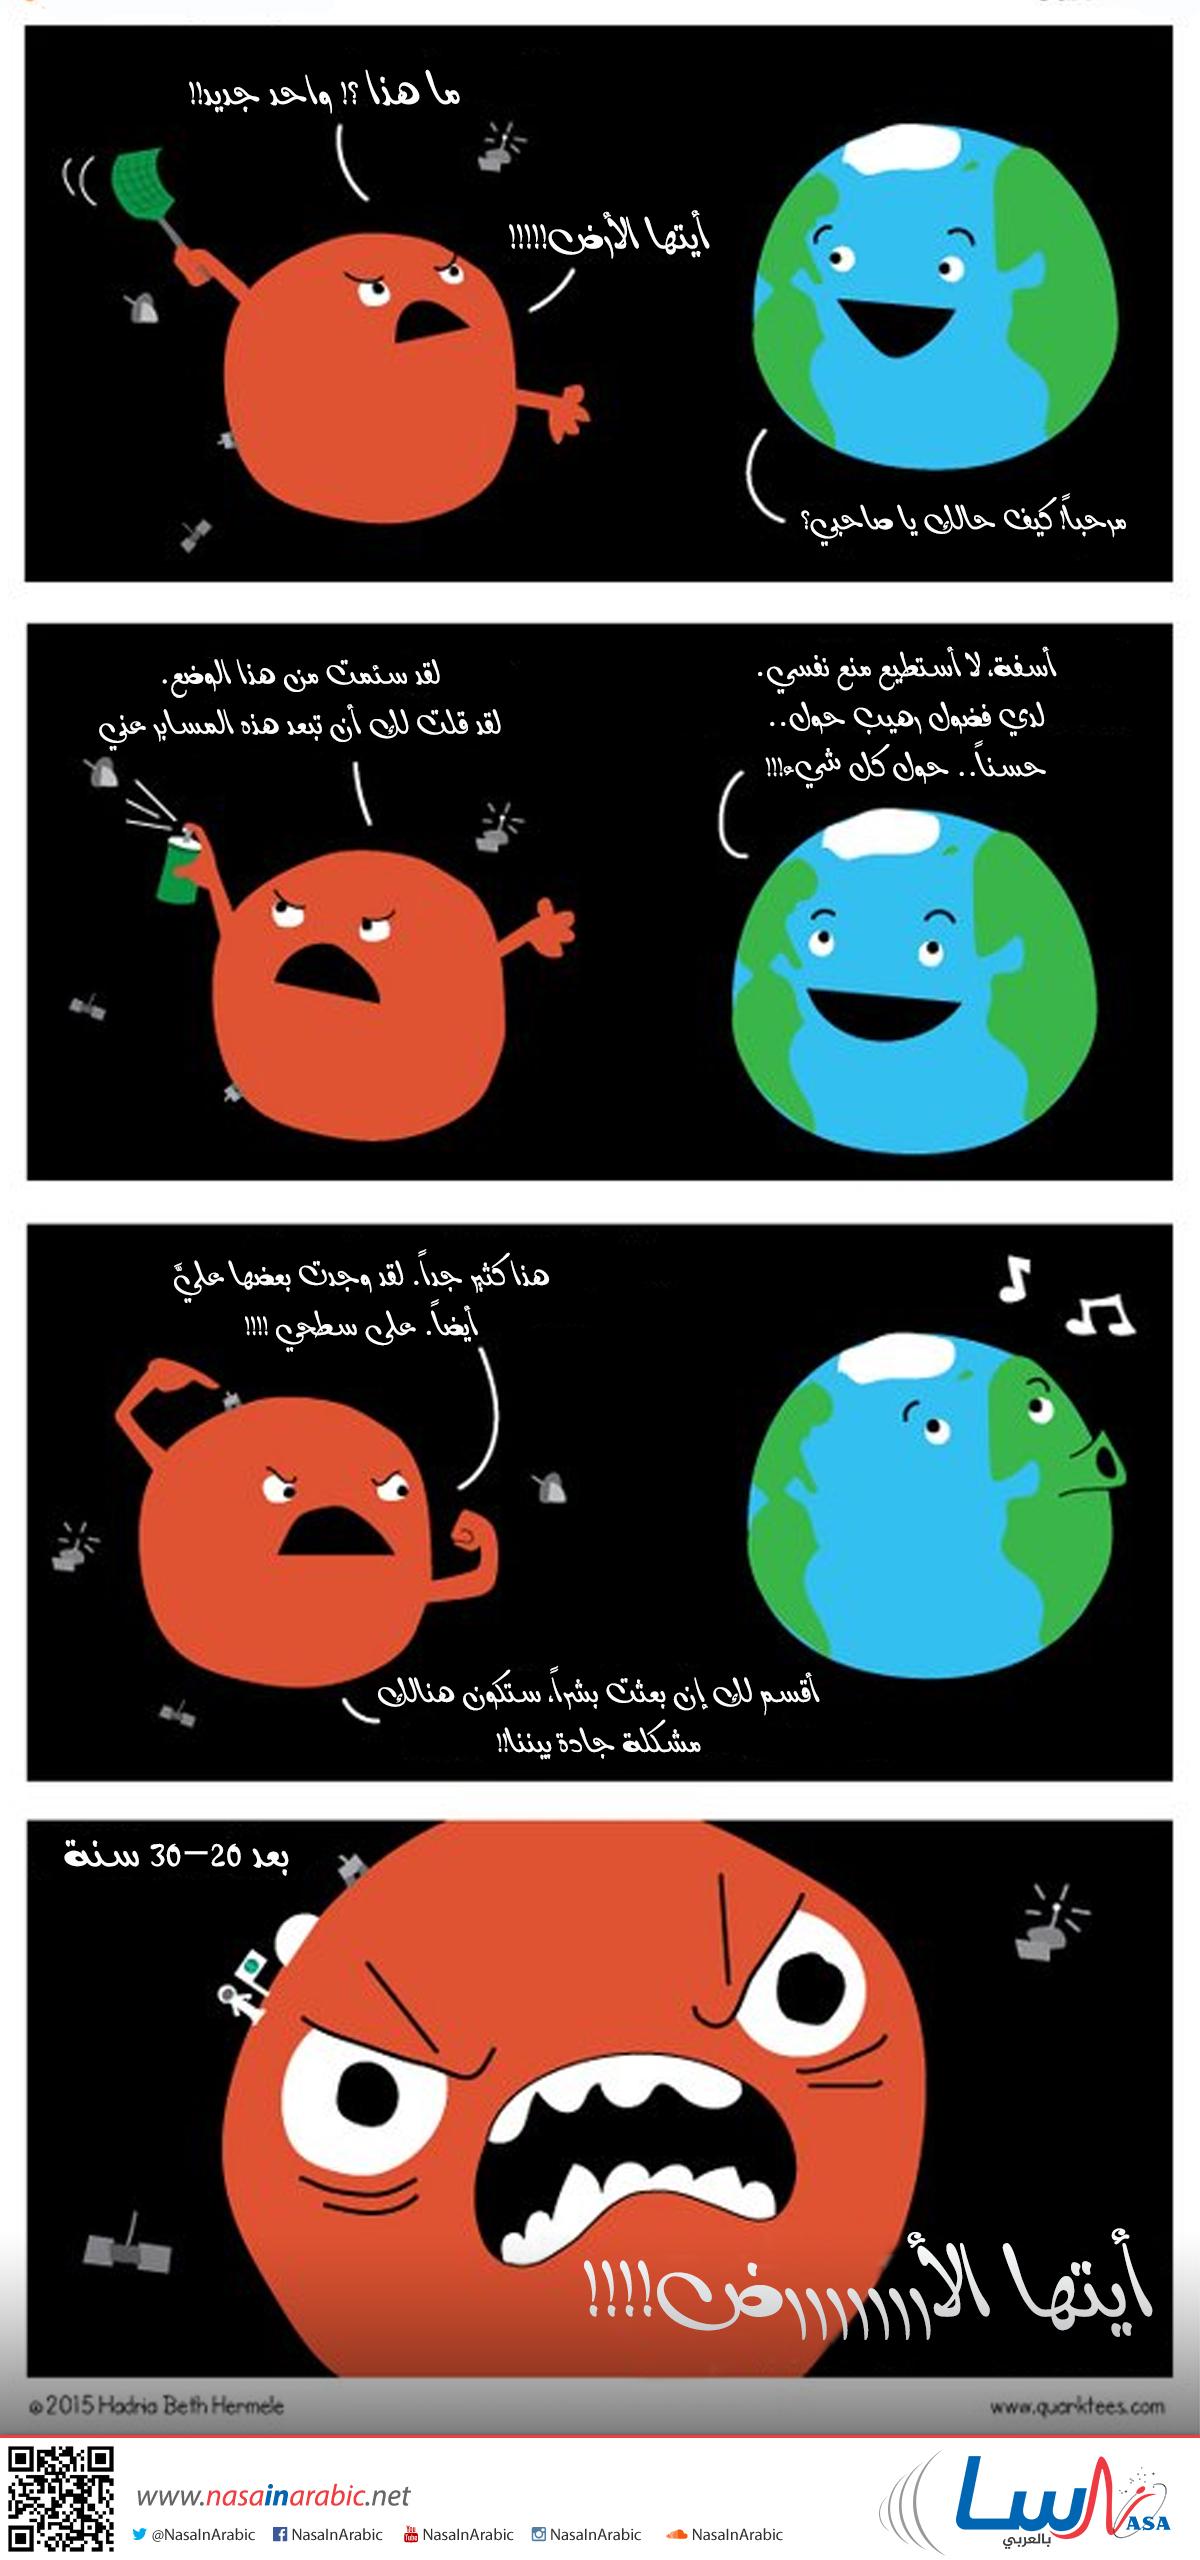 المريخ والبشر!